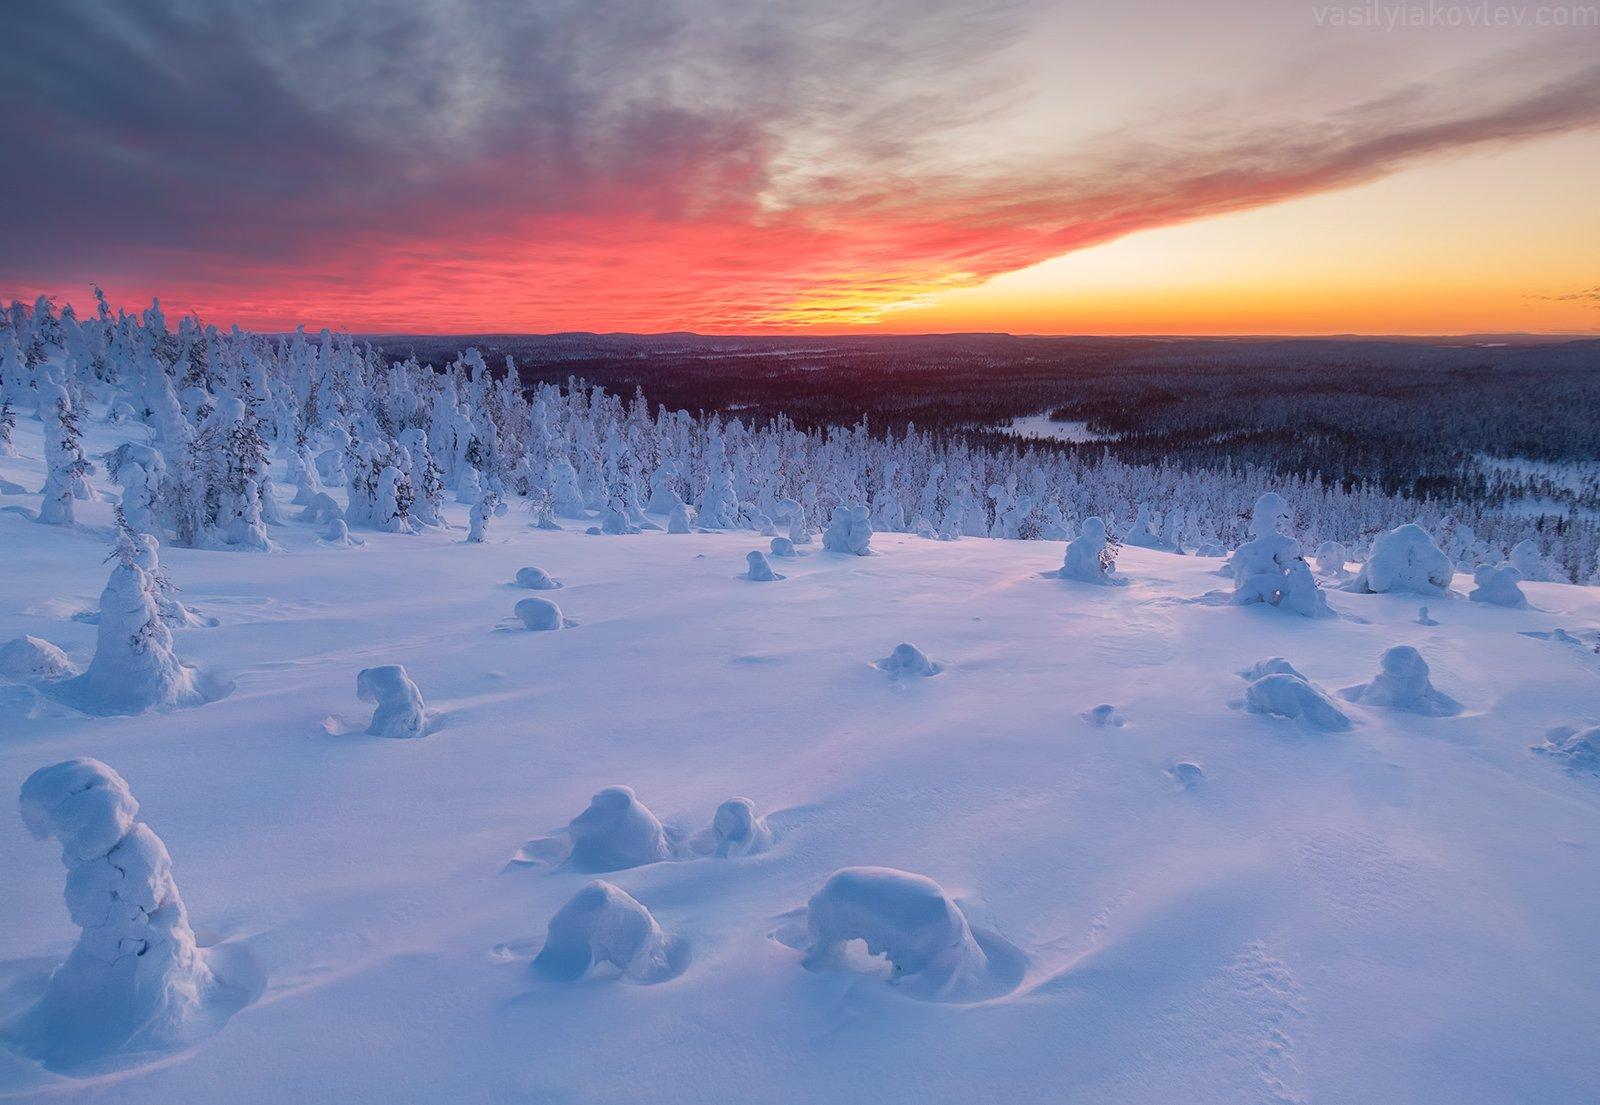 Огненный закат над Лапландией. Василий Яковлев